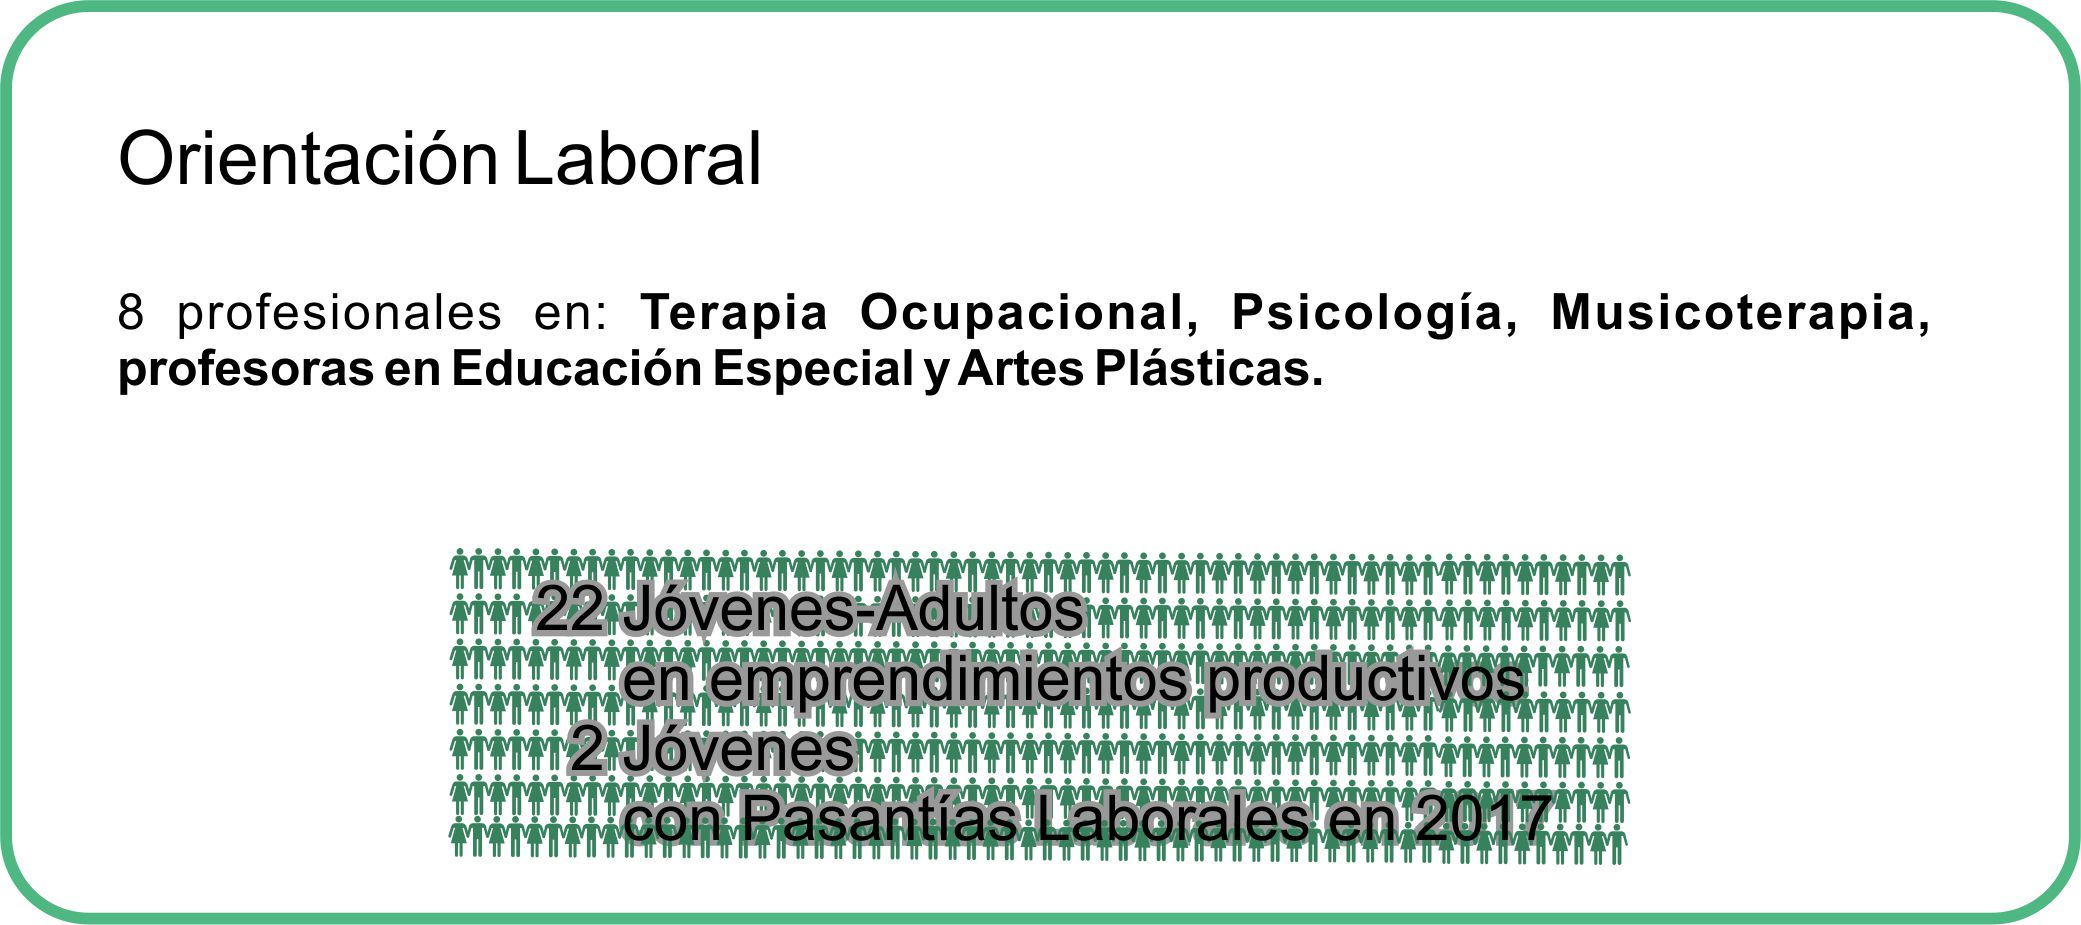 orientación_laboral_2017